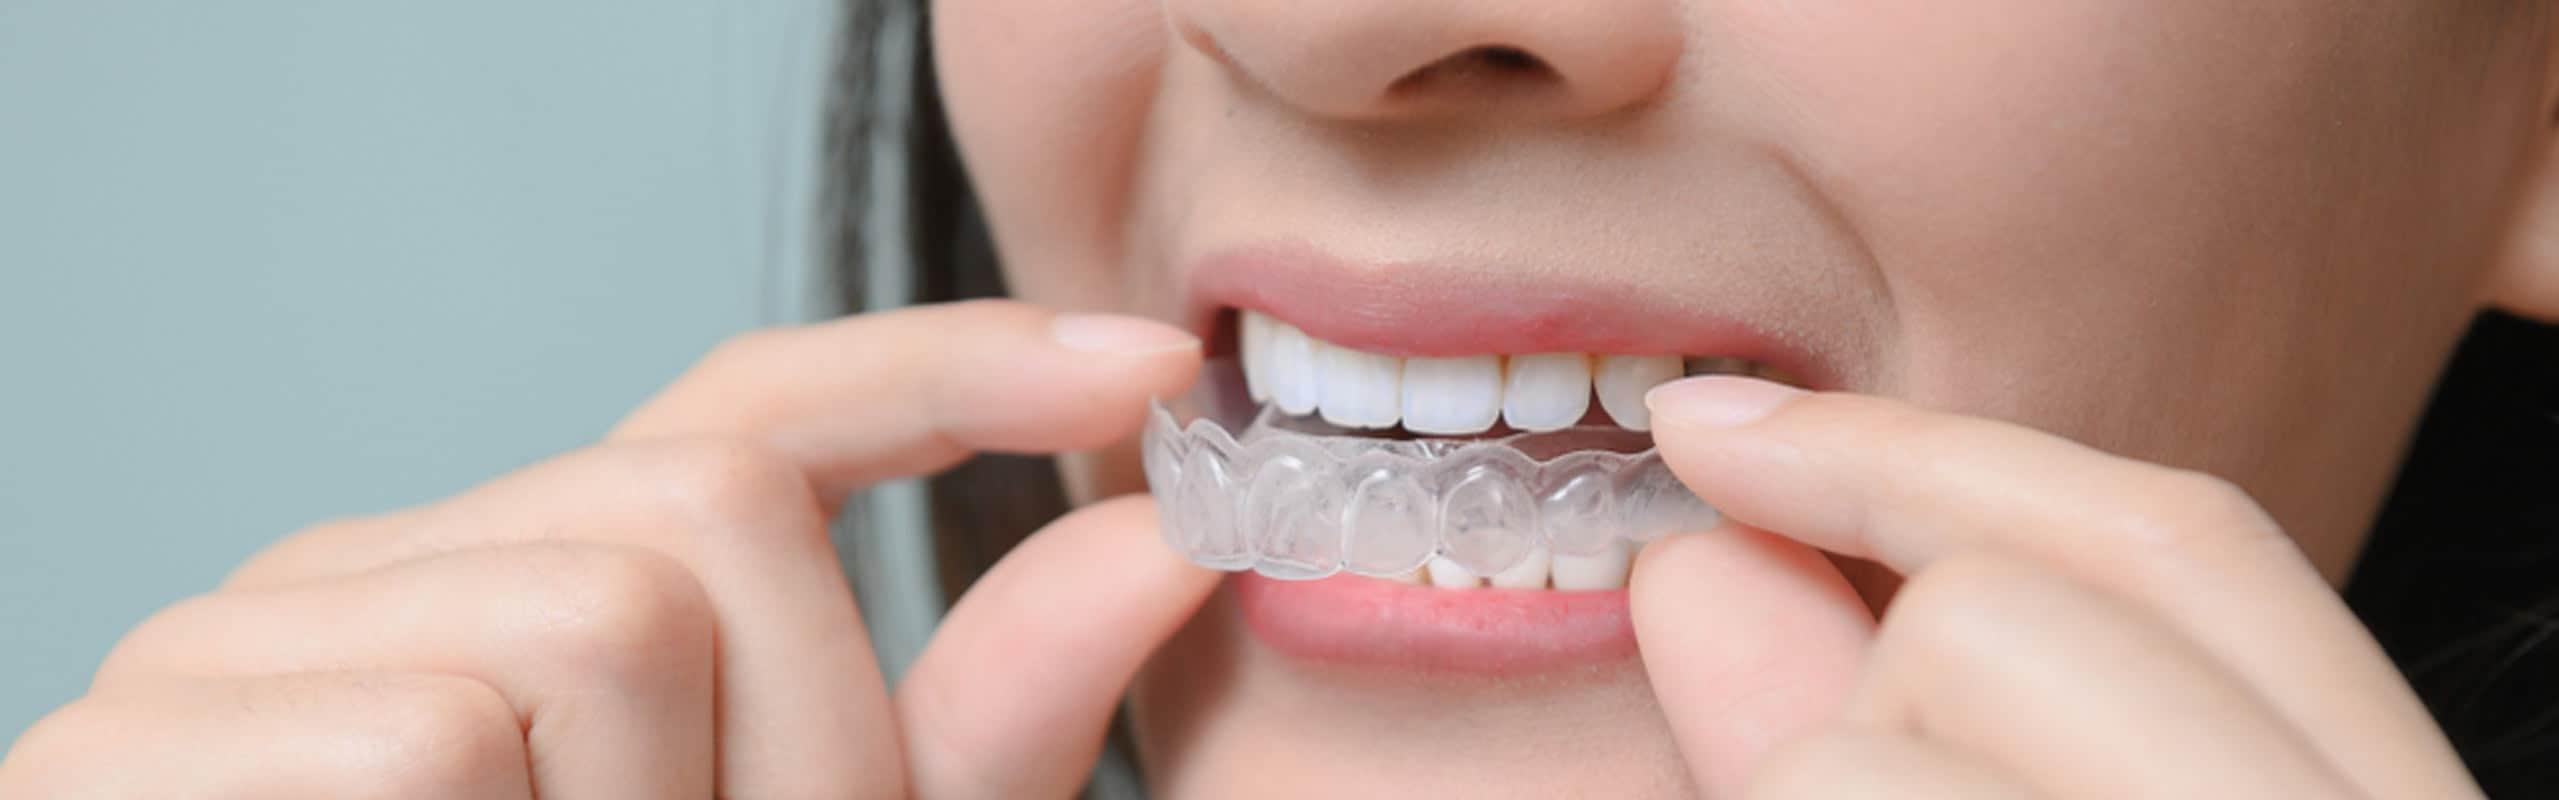 Descubre la ortodoncia invisible y sus ventajas